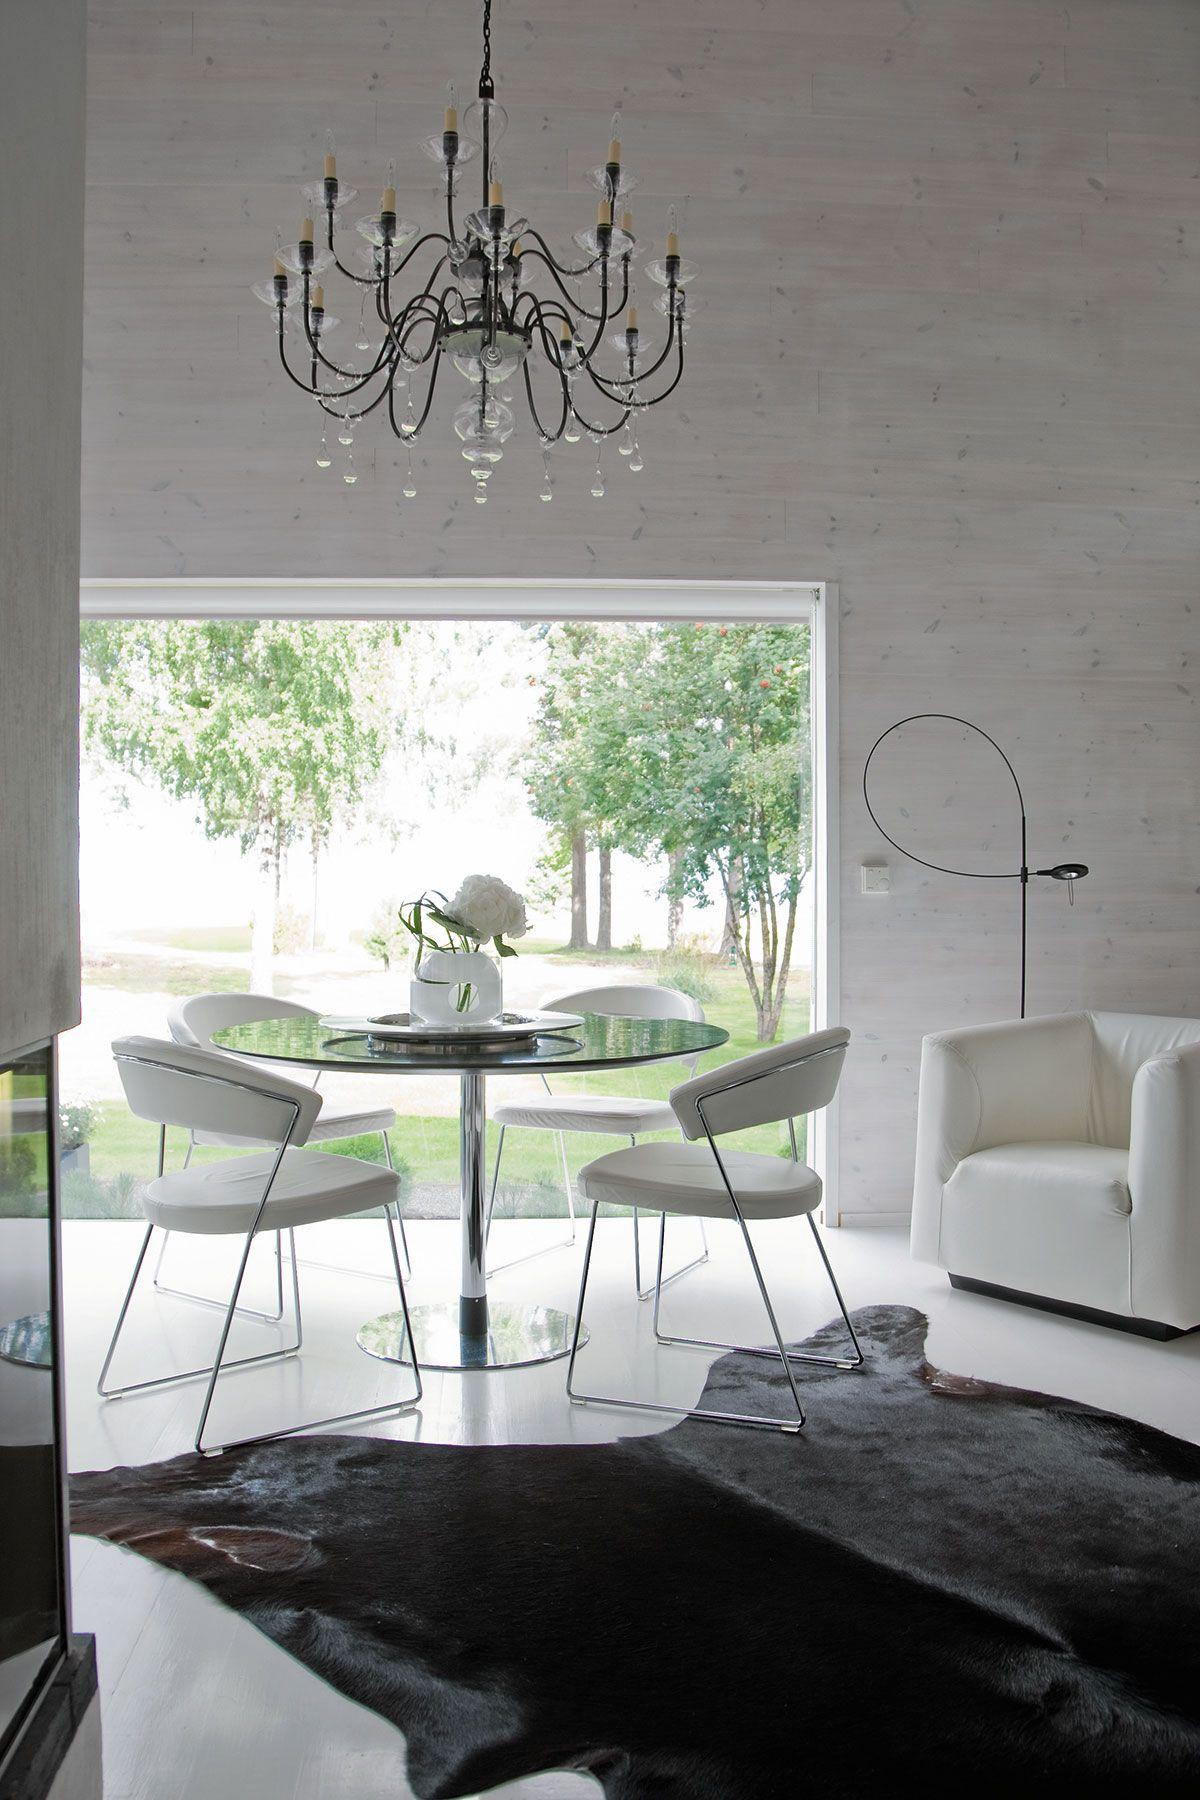 Musta ruokapöytä on Kuokkasten ensimmäisestä kodista vuodelta 1970. Sen ympärille hankittiin kakkoskotiin Calligarisin tuolit. Koristeellinen kynttelikkö lisää ripauksen huumoria kurinalaiseen modernismiin.